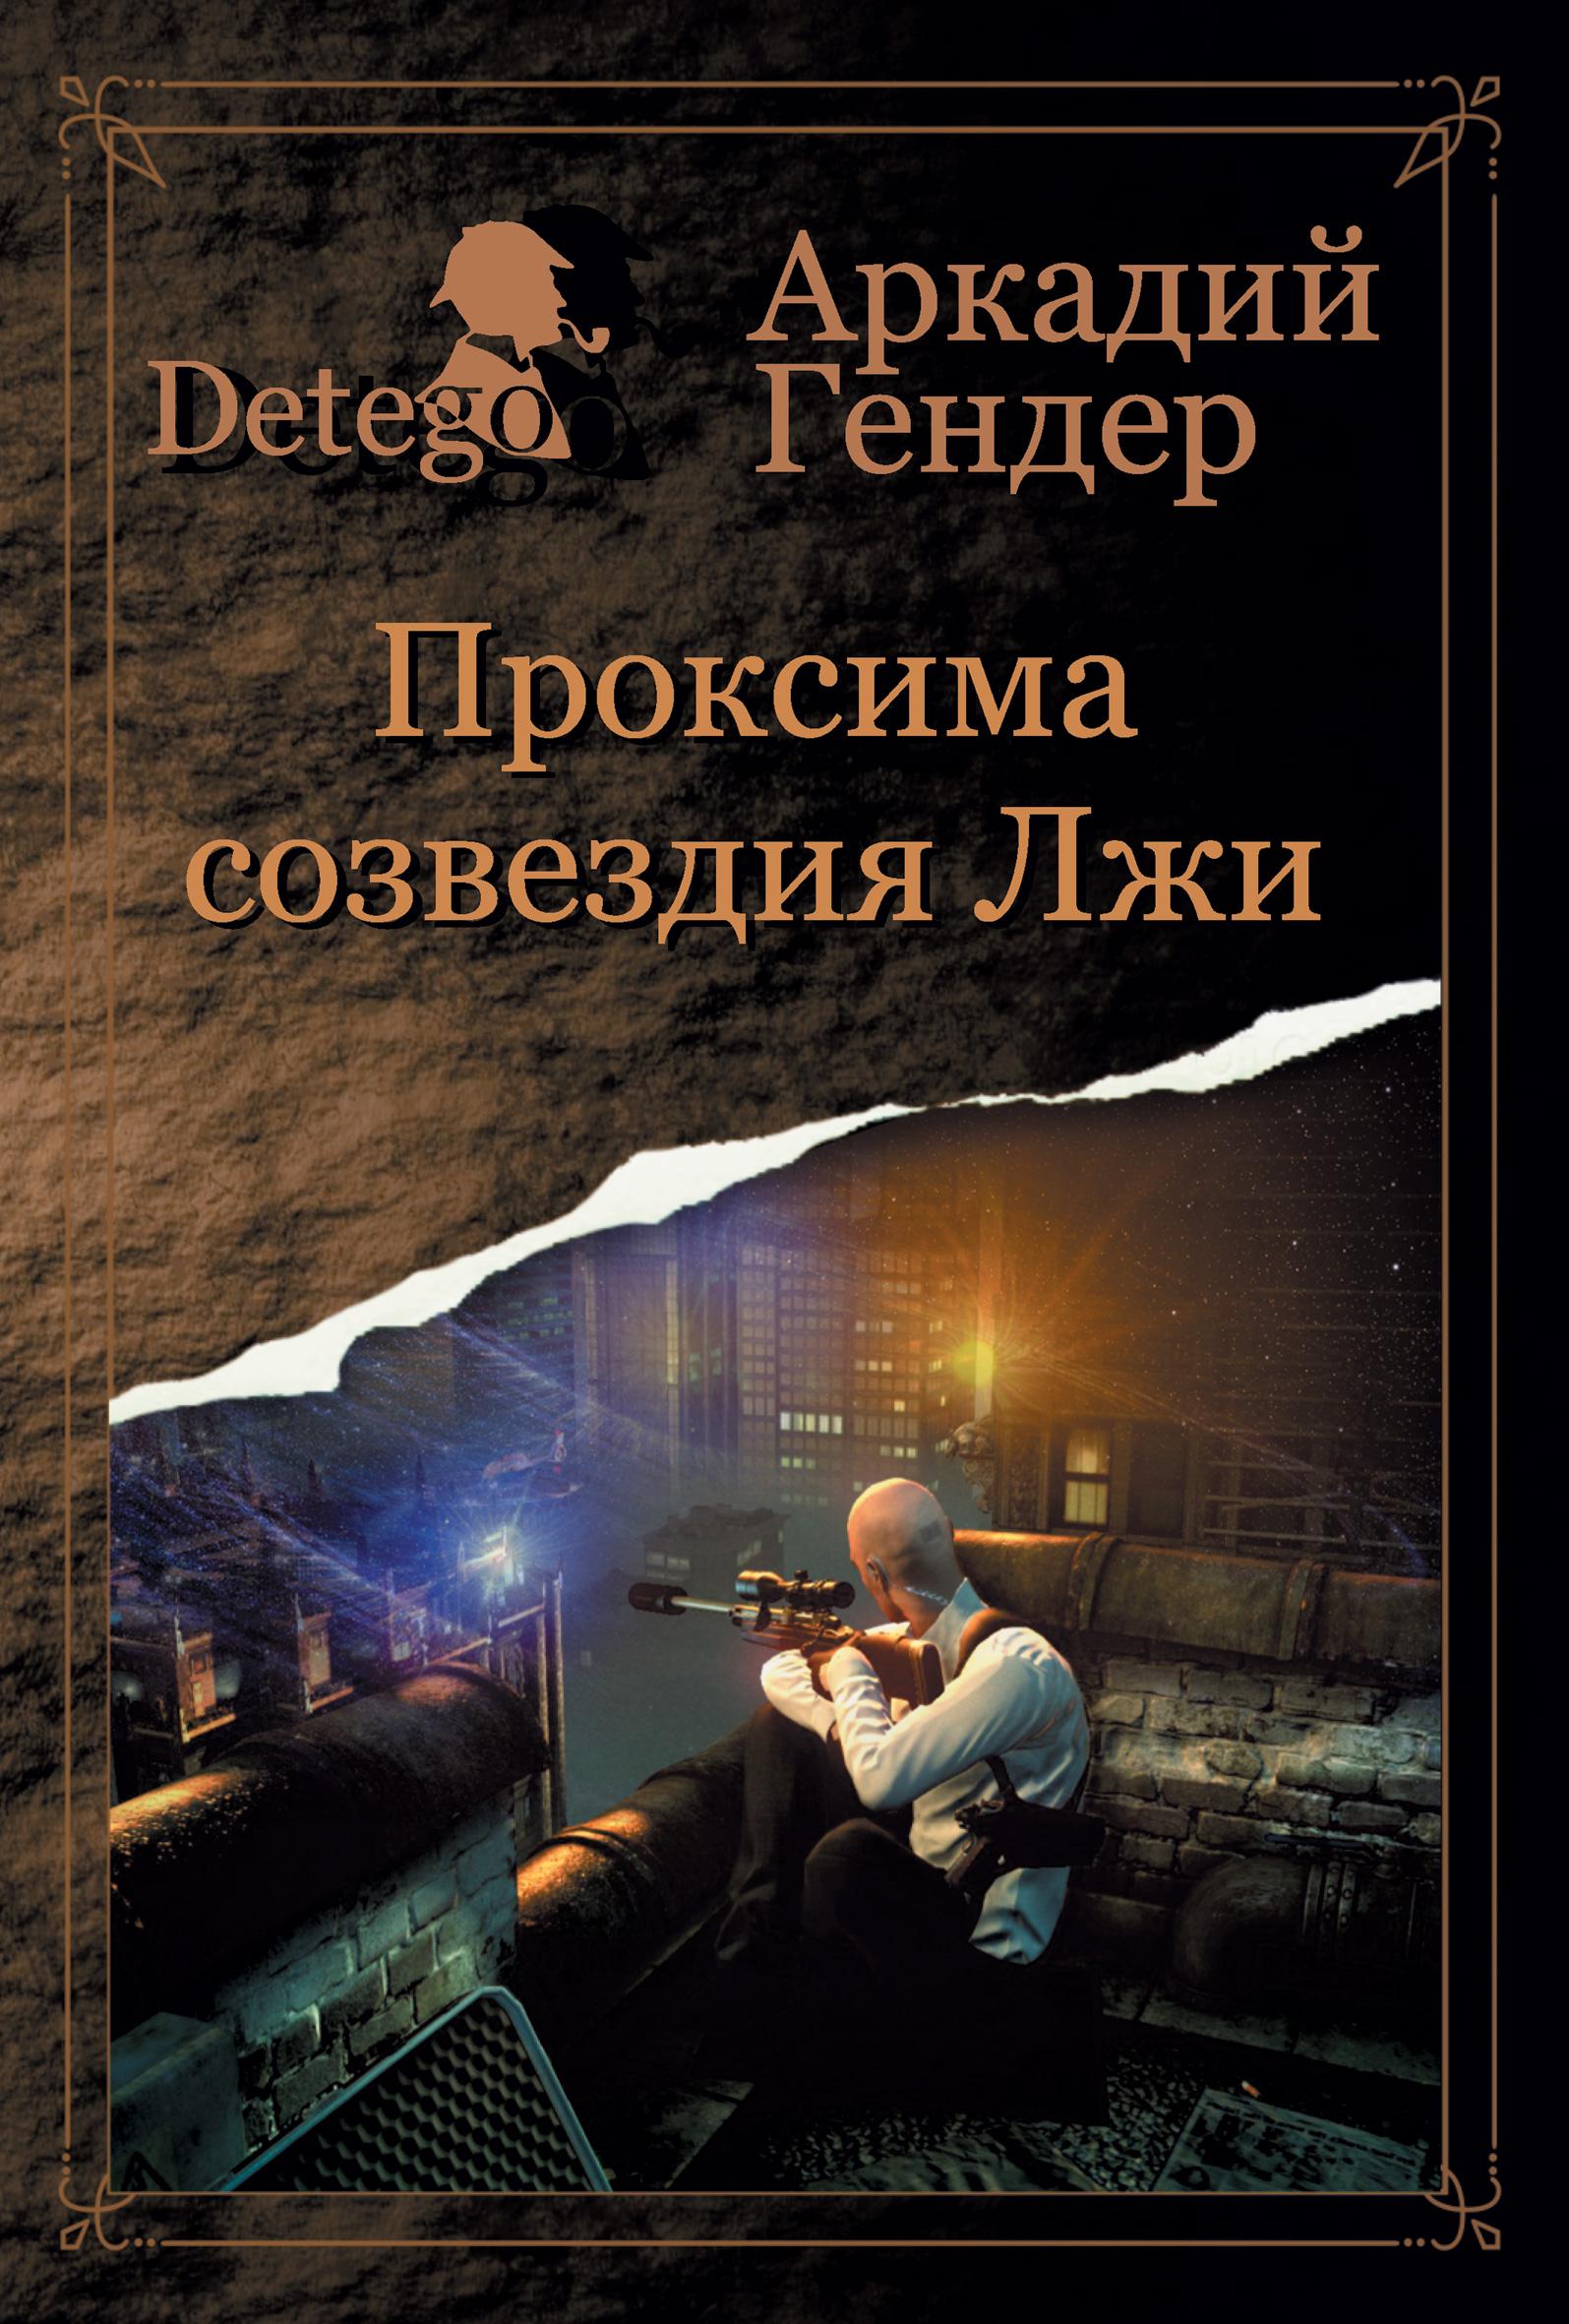 Аркадий Гендер Проксиома созвездия Лжи константин бандуровский лекция 1 сложности изучения мифа